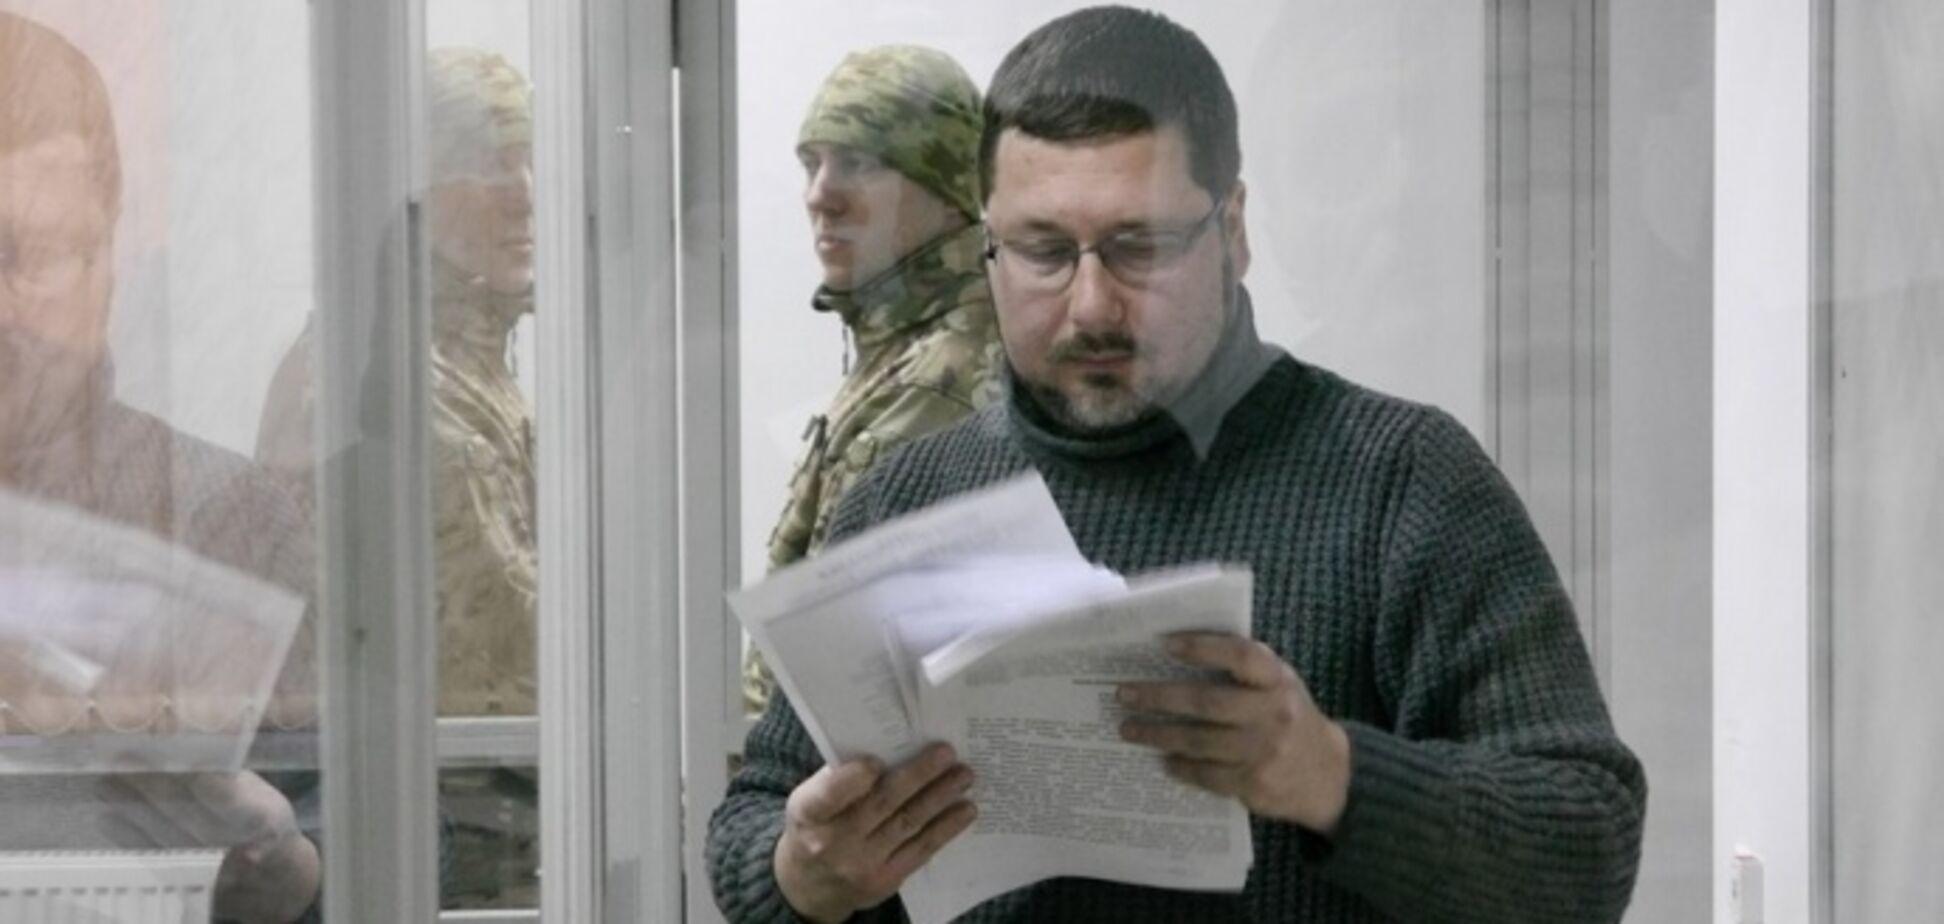 Шпионский скандал в Кабмине: суд избрал меру пресечения переводчику Гройсмана